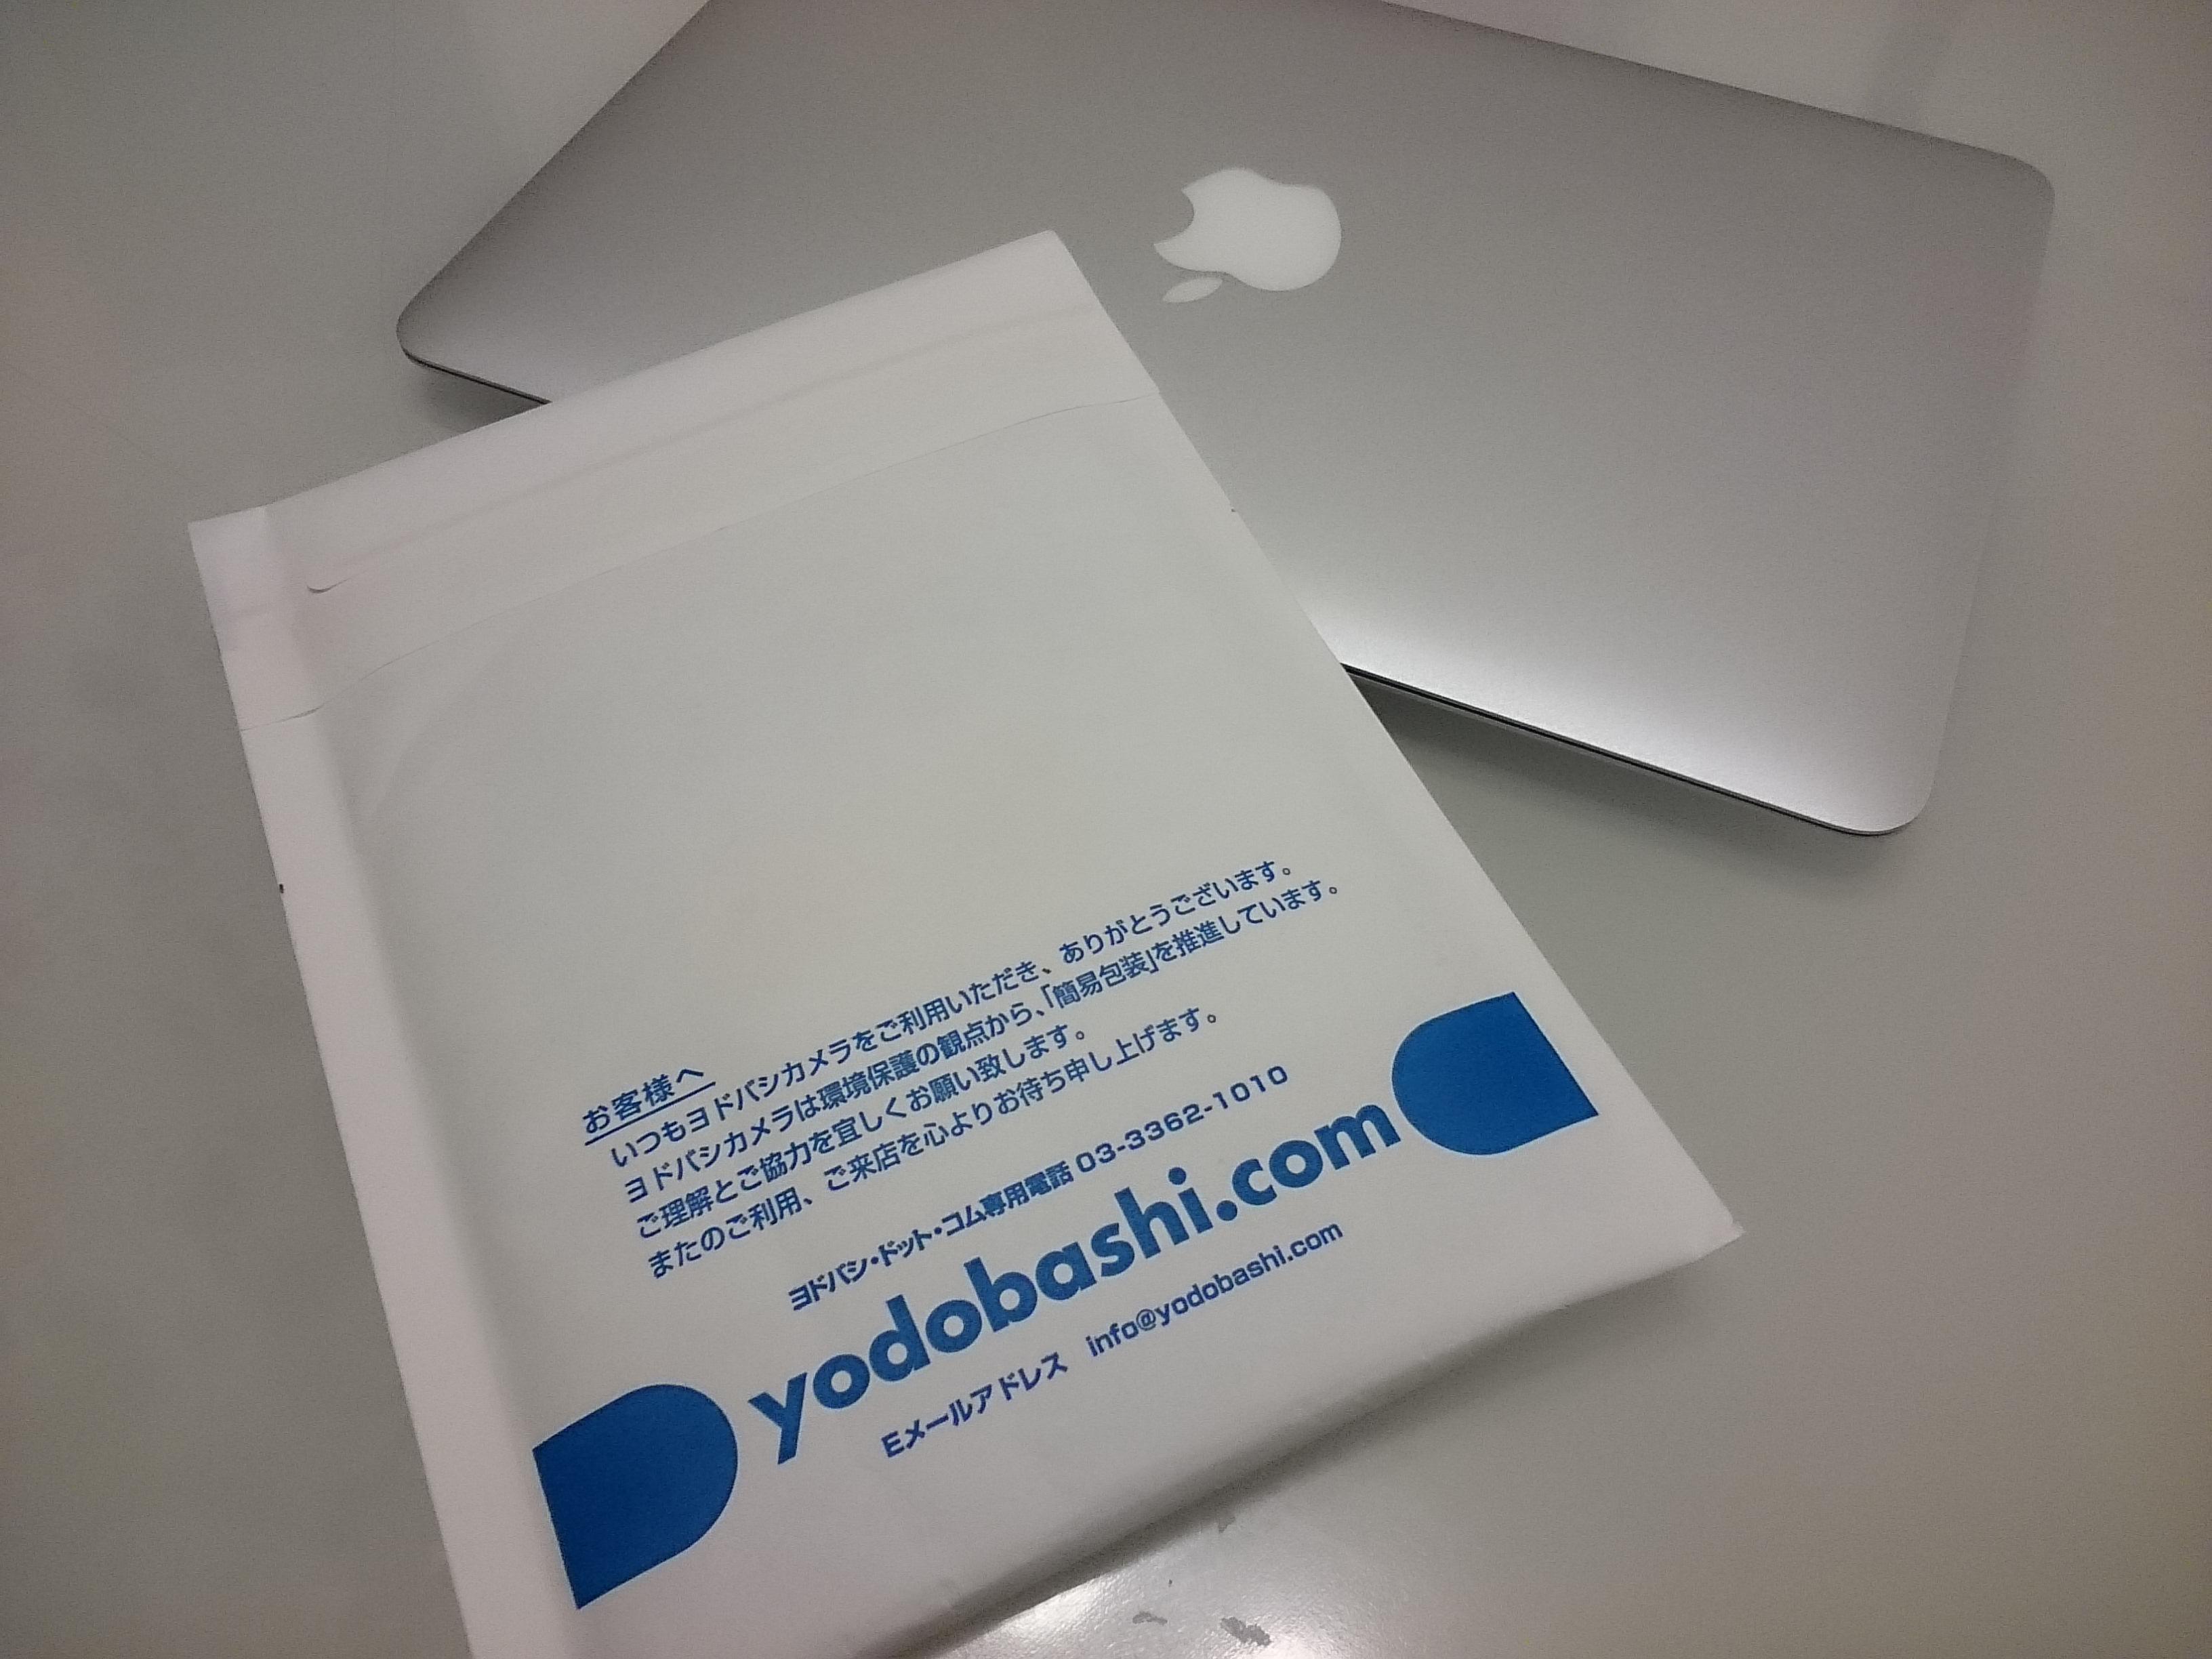 ヨドバシの480円激安ワイヤレスゲートSIMカードをXperia Z Ultraで試してみた